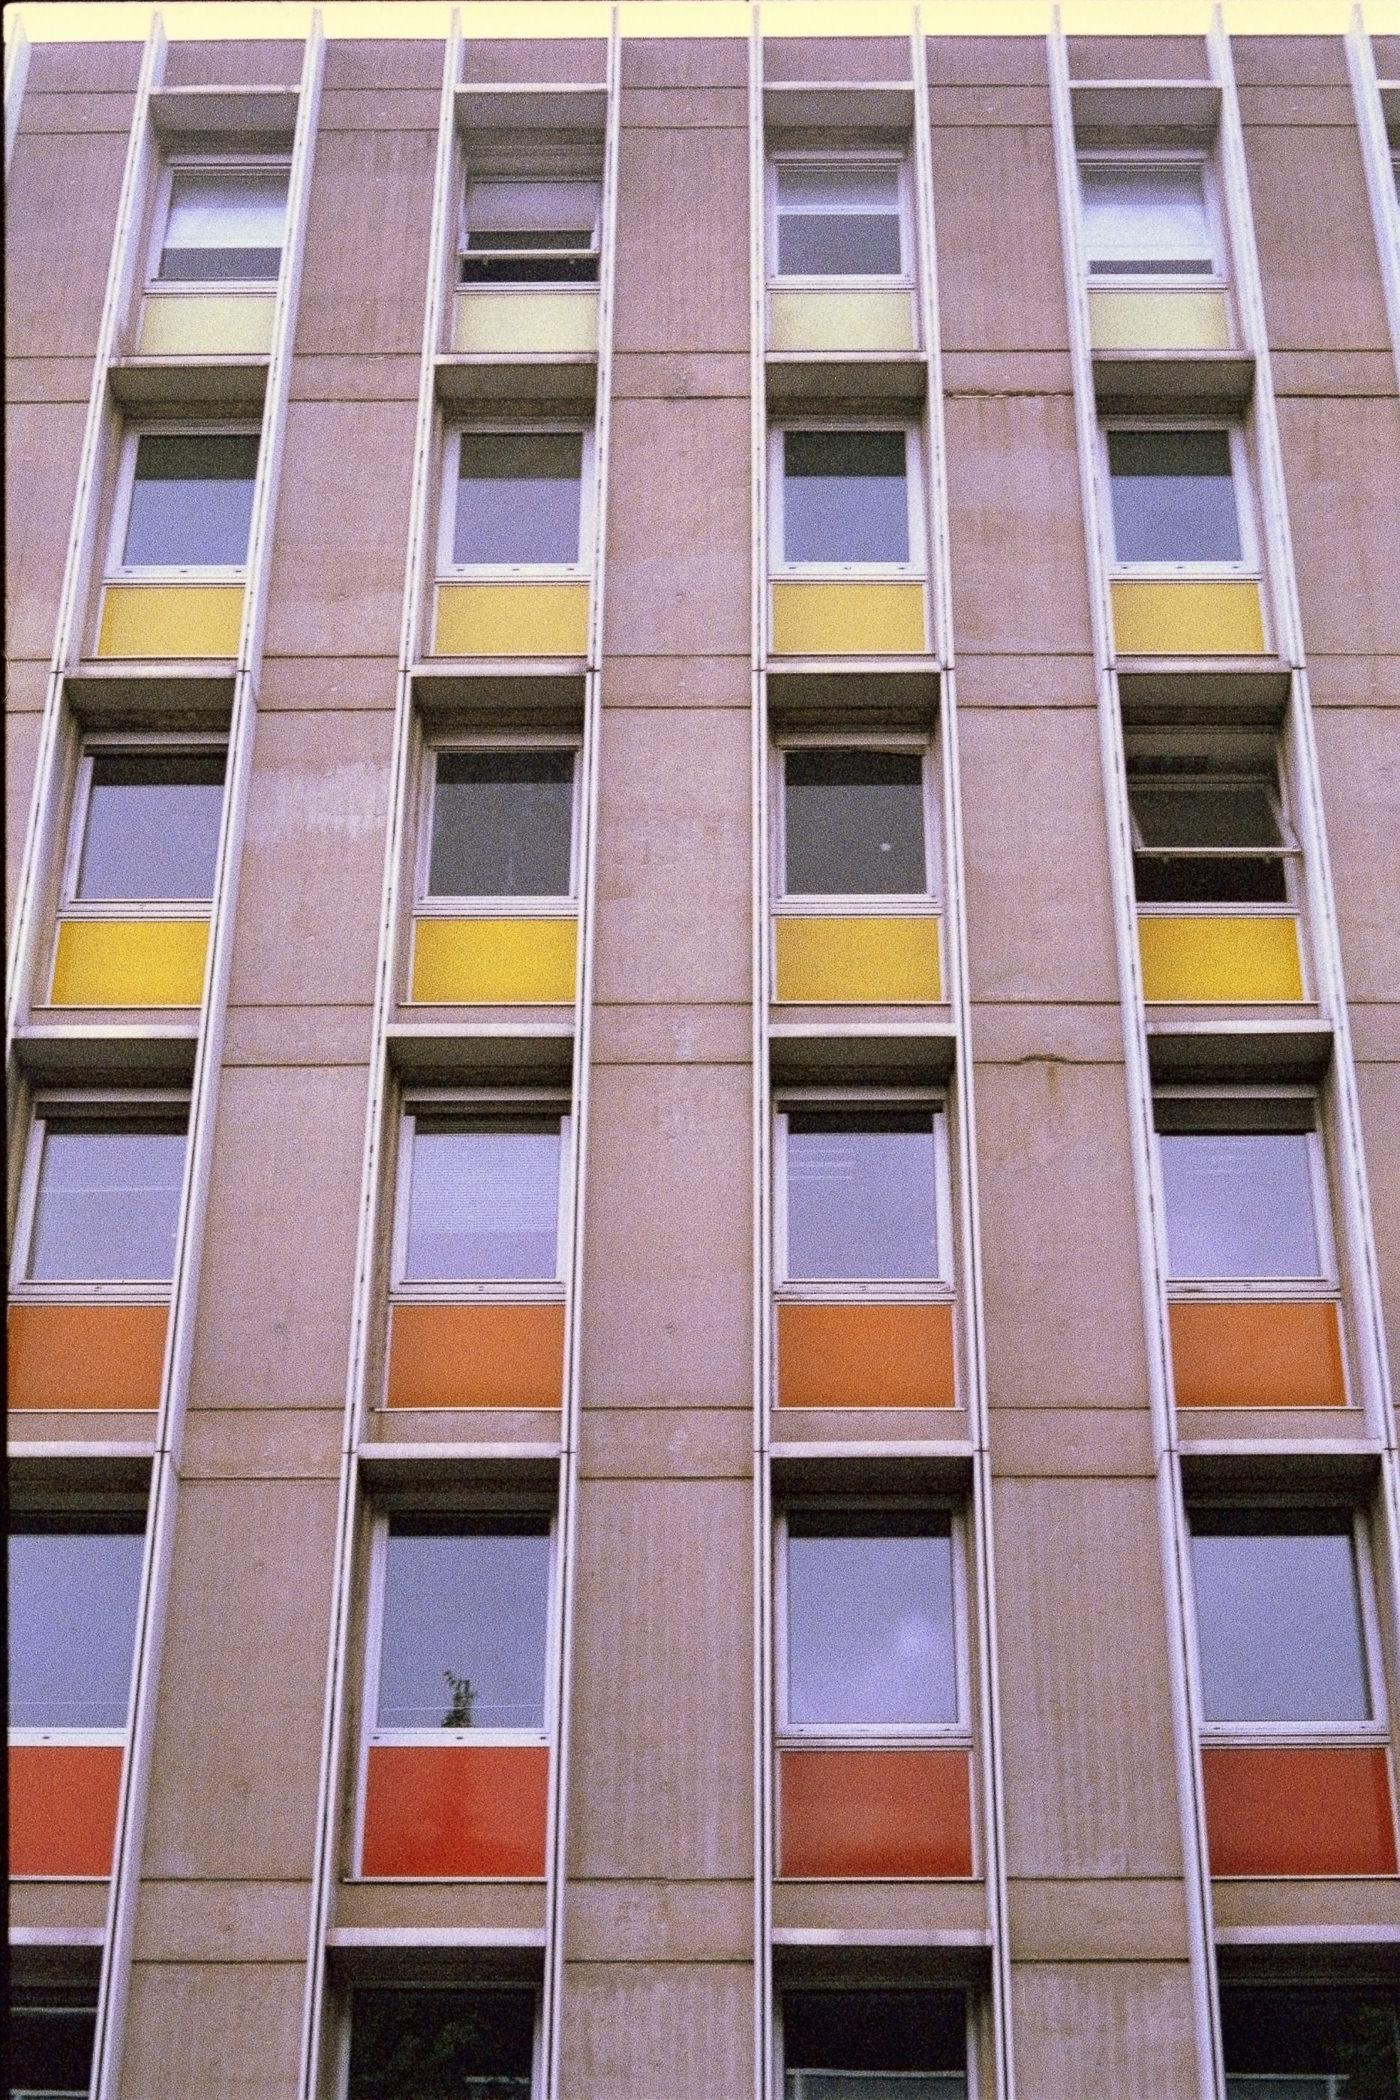 ARCHITECTURE_76.jpg